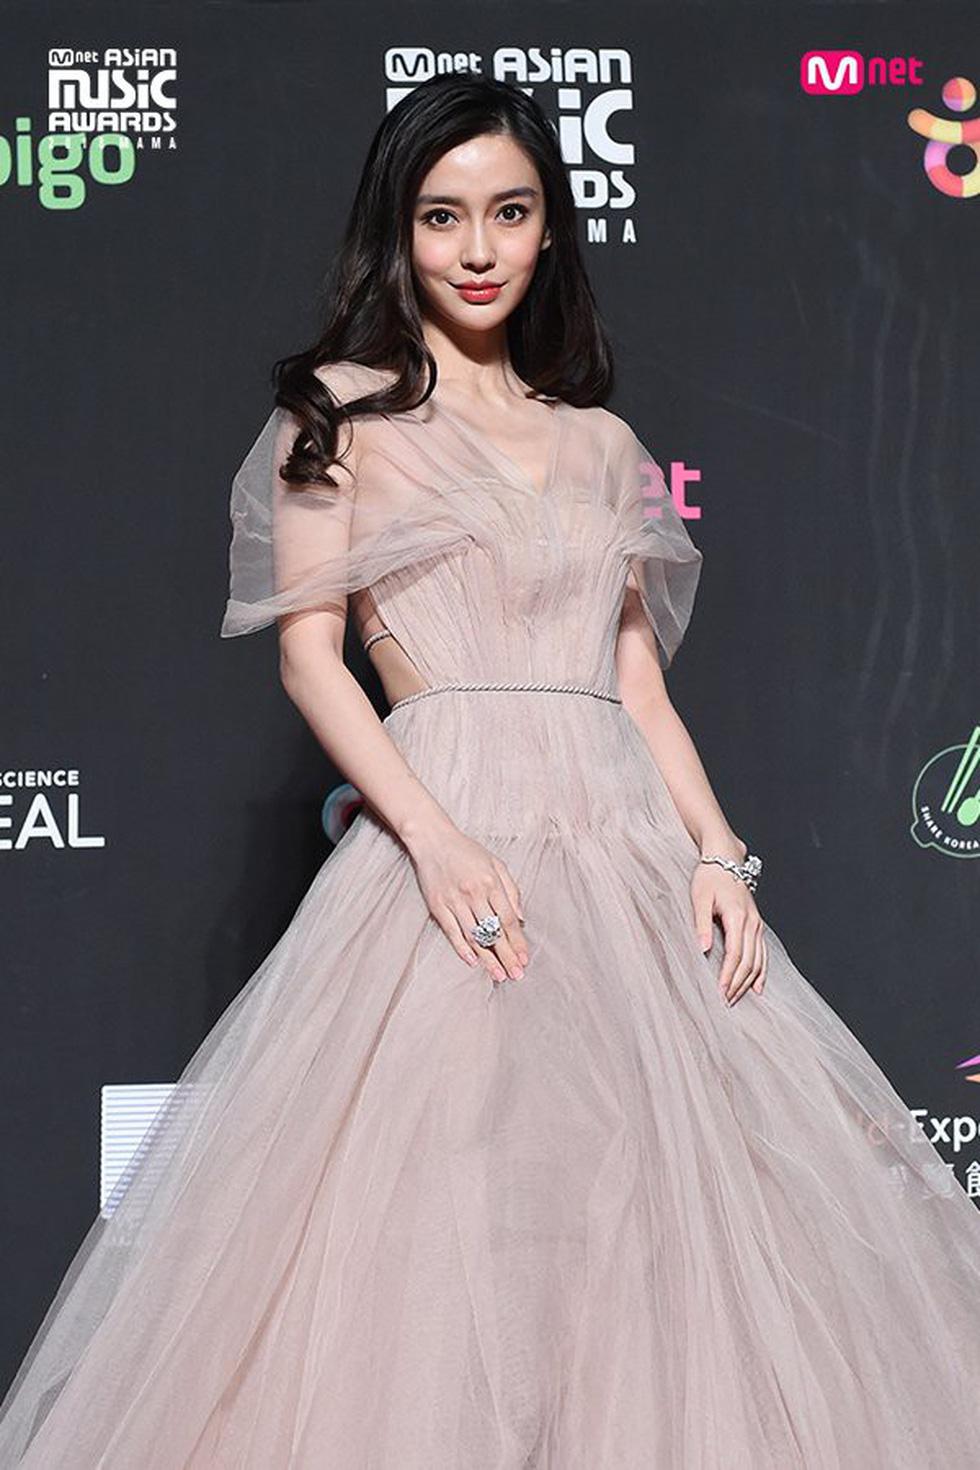 Đêm cuối MAMA 2018: Hương Tràm là nghệ sĩ châu Á xuất sắc nhất - Ảnh 11.